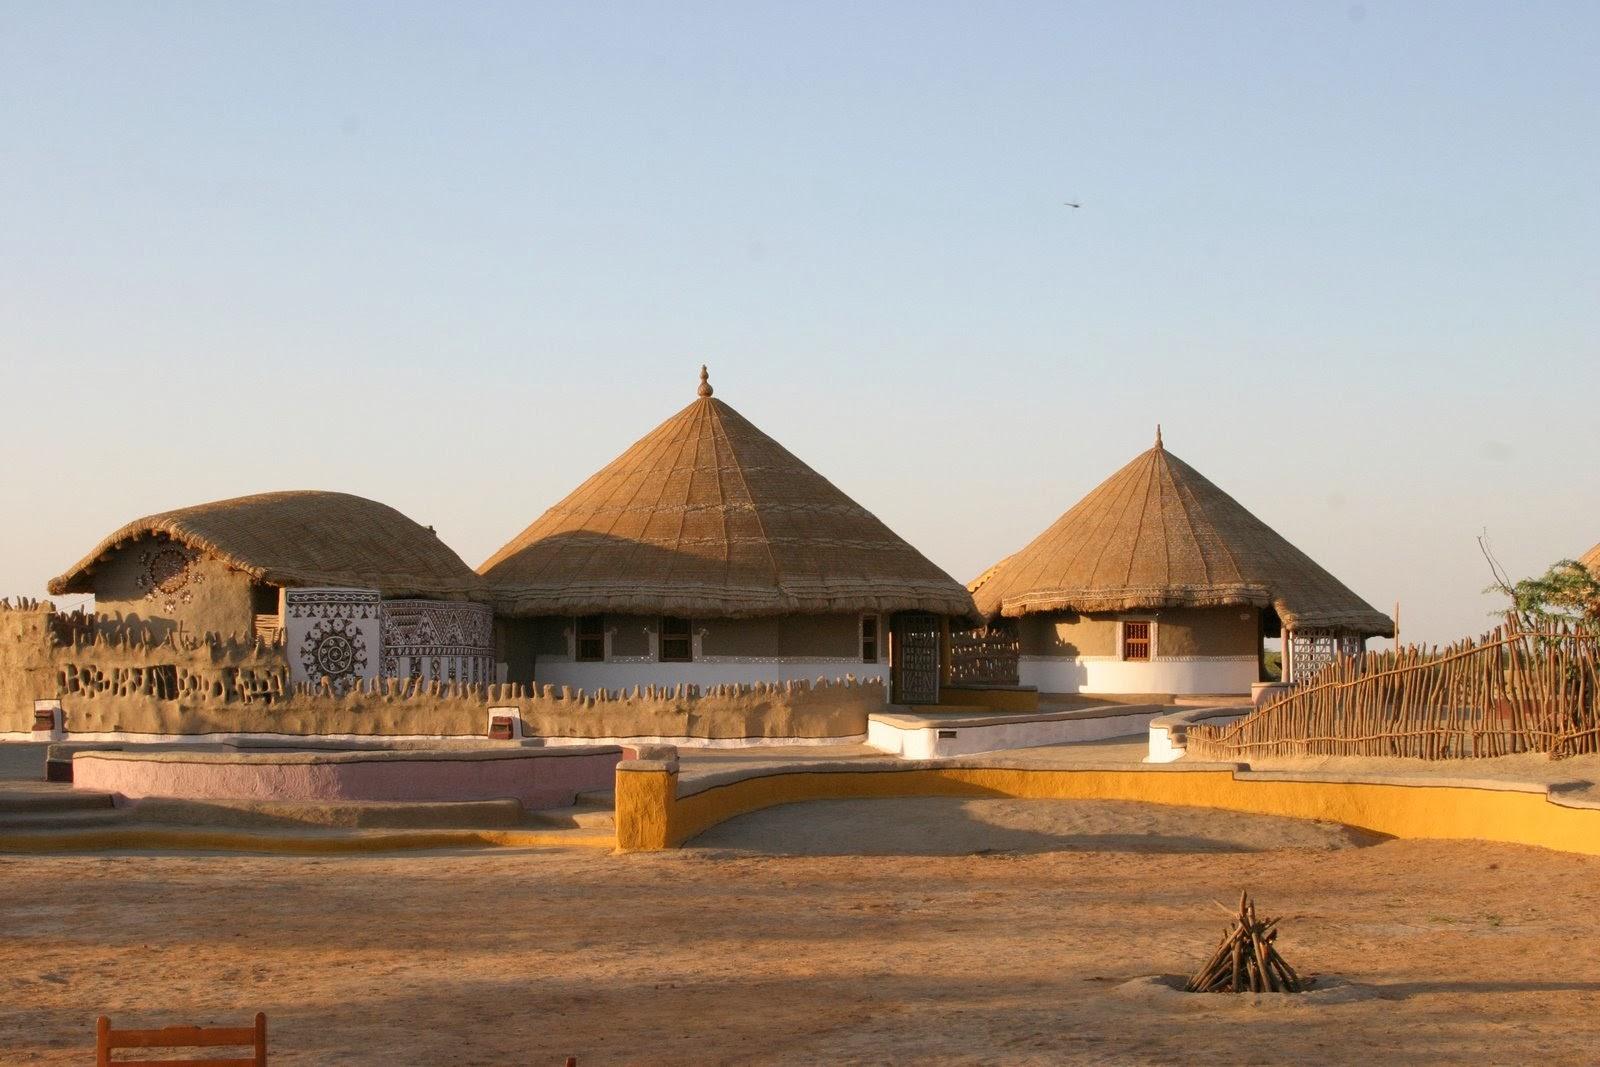 Photo Credit http://blog.indianluxurytrains.com/2013/10/rann-utsav-travel-guide.html